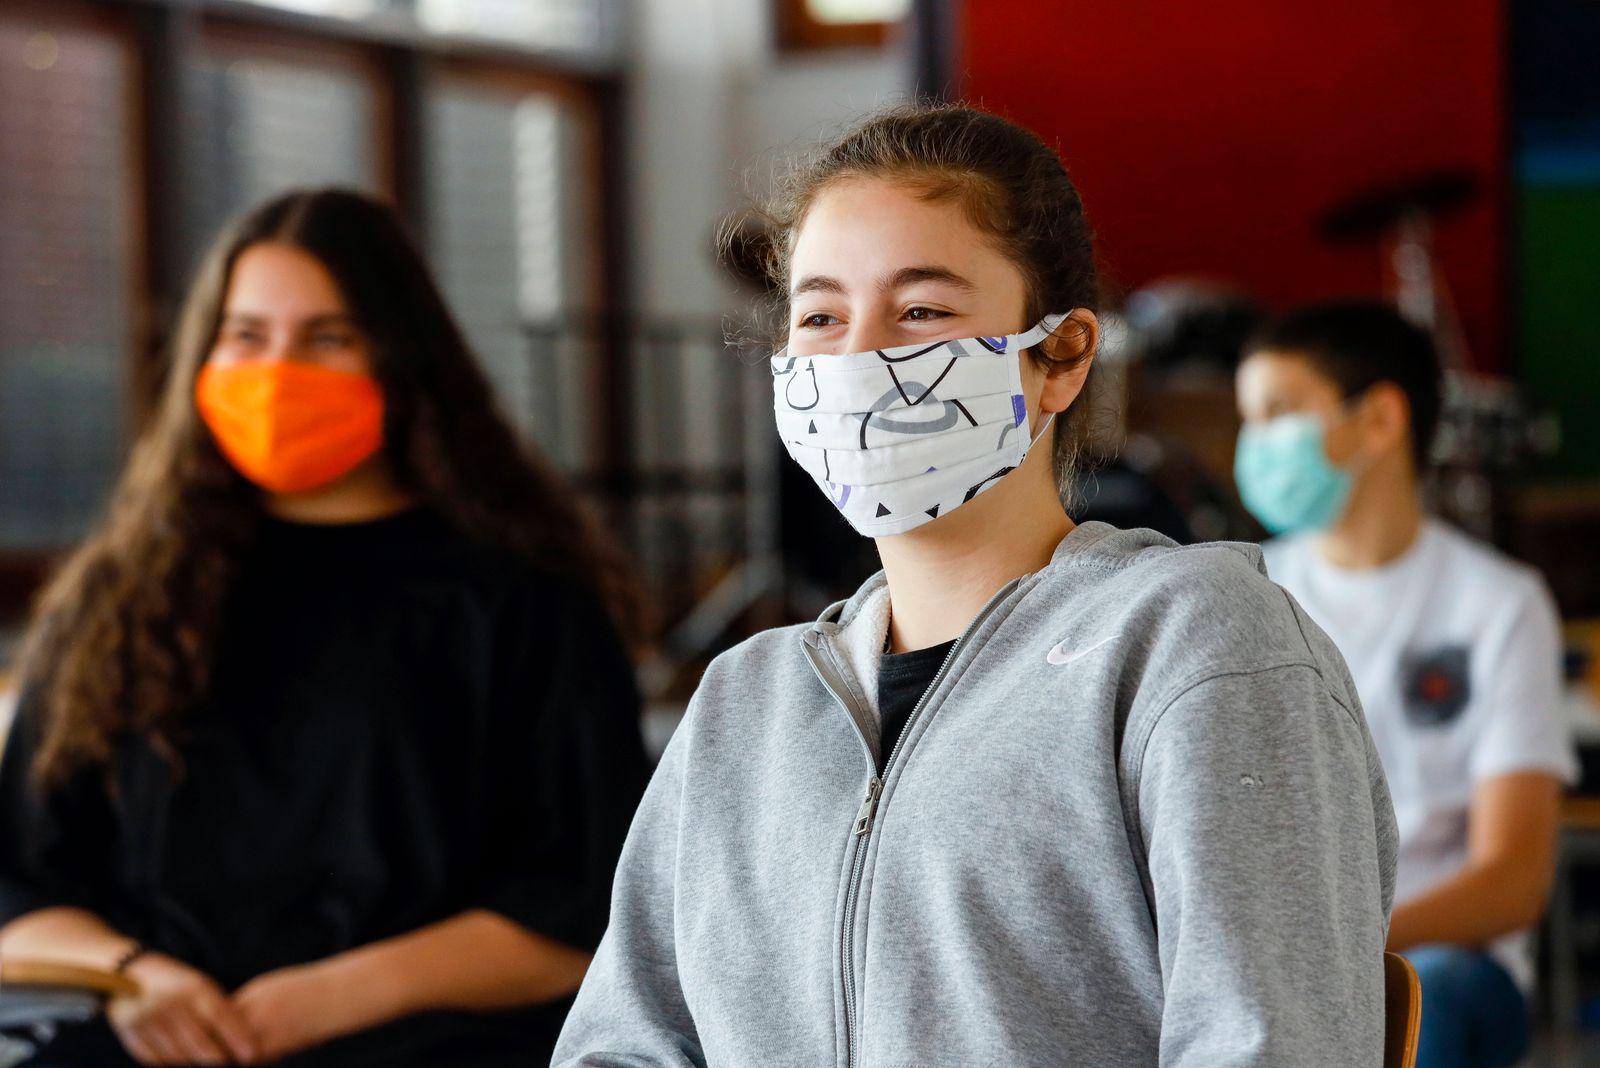 19.05.2020, Duesseldorf, Nordrhein-Westfalen, Deutschland - Realschule Benzenberg anlaesslich der Wiederaufnahme des Sch